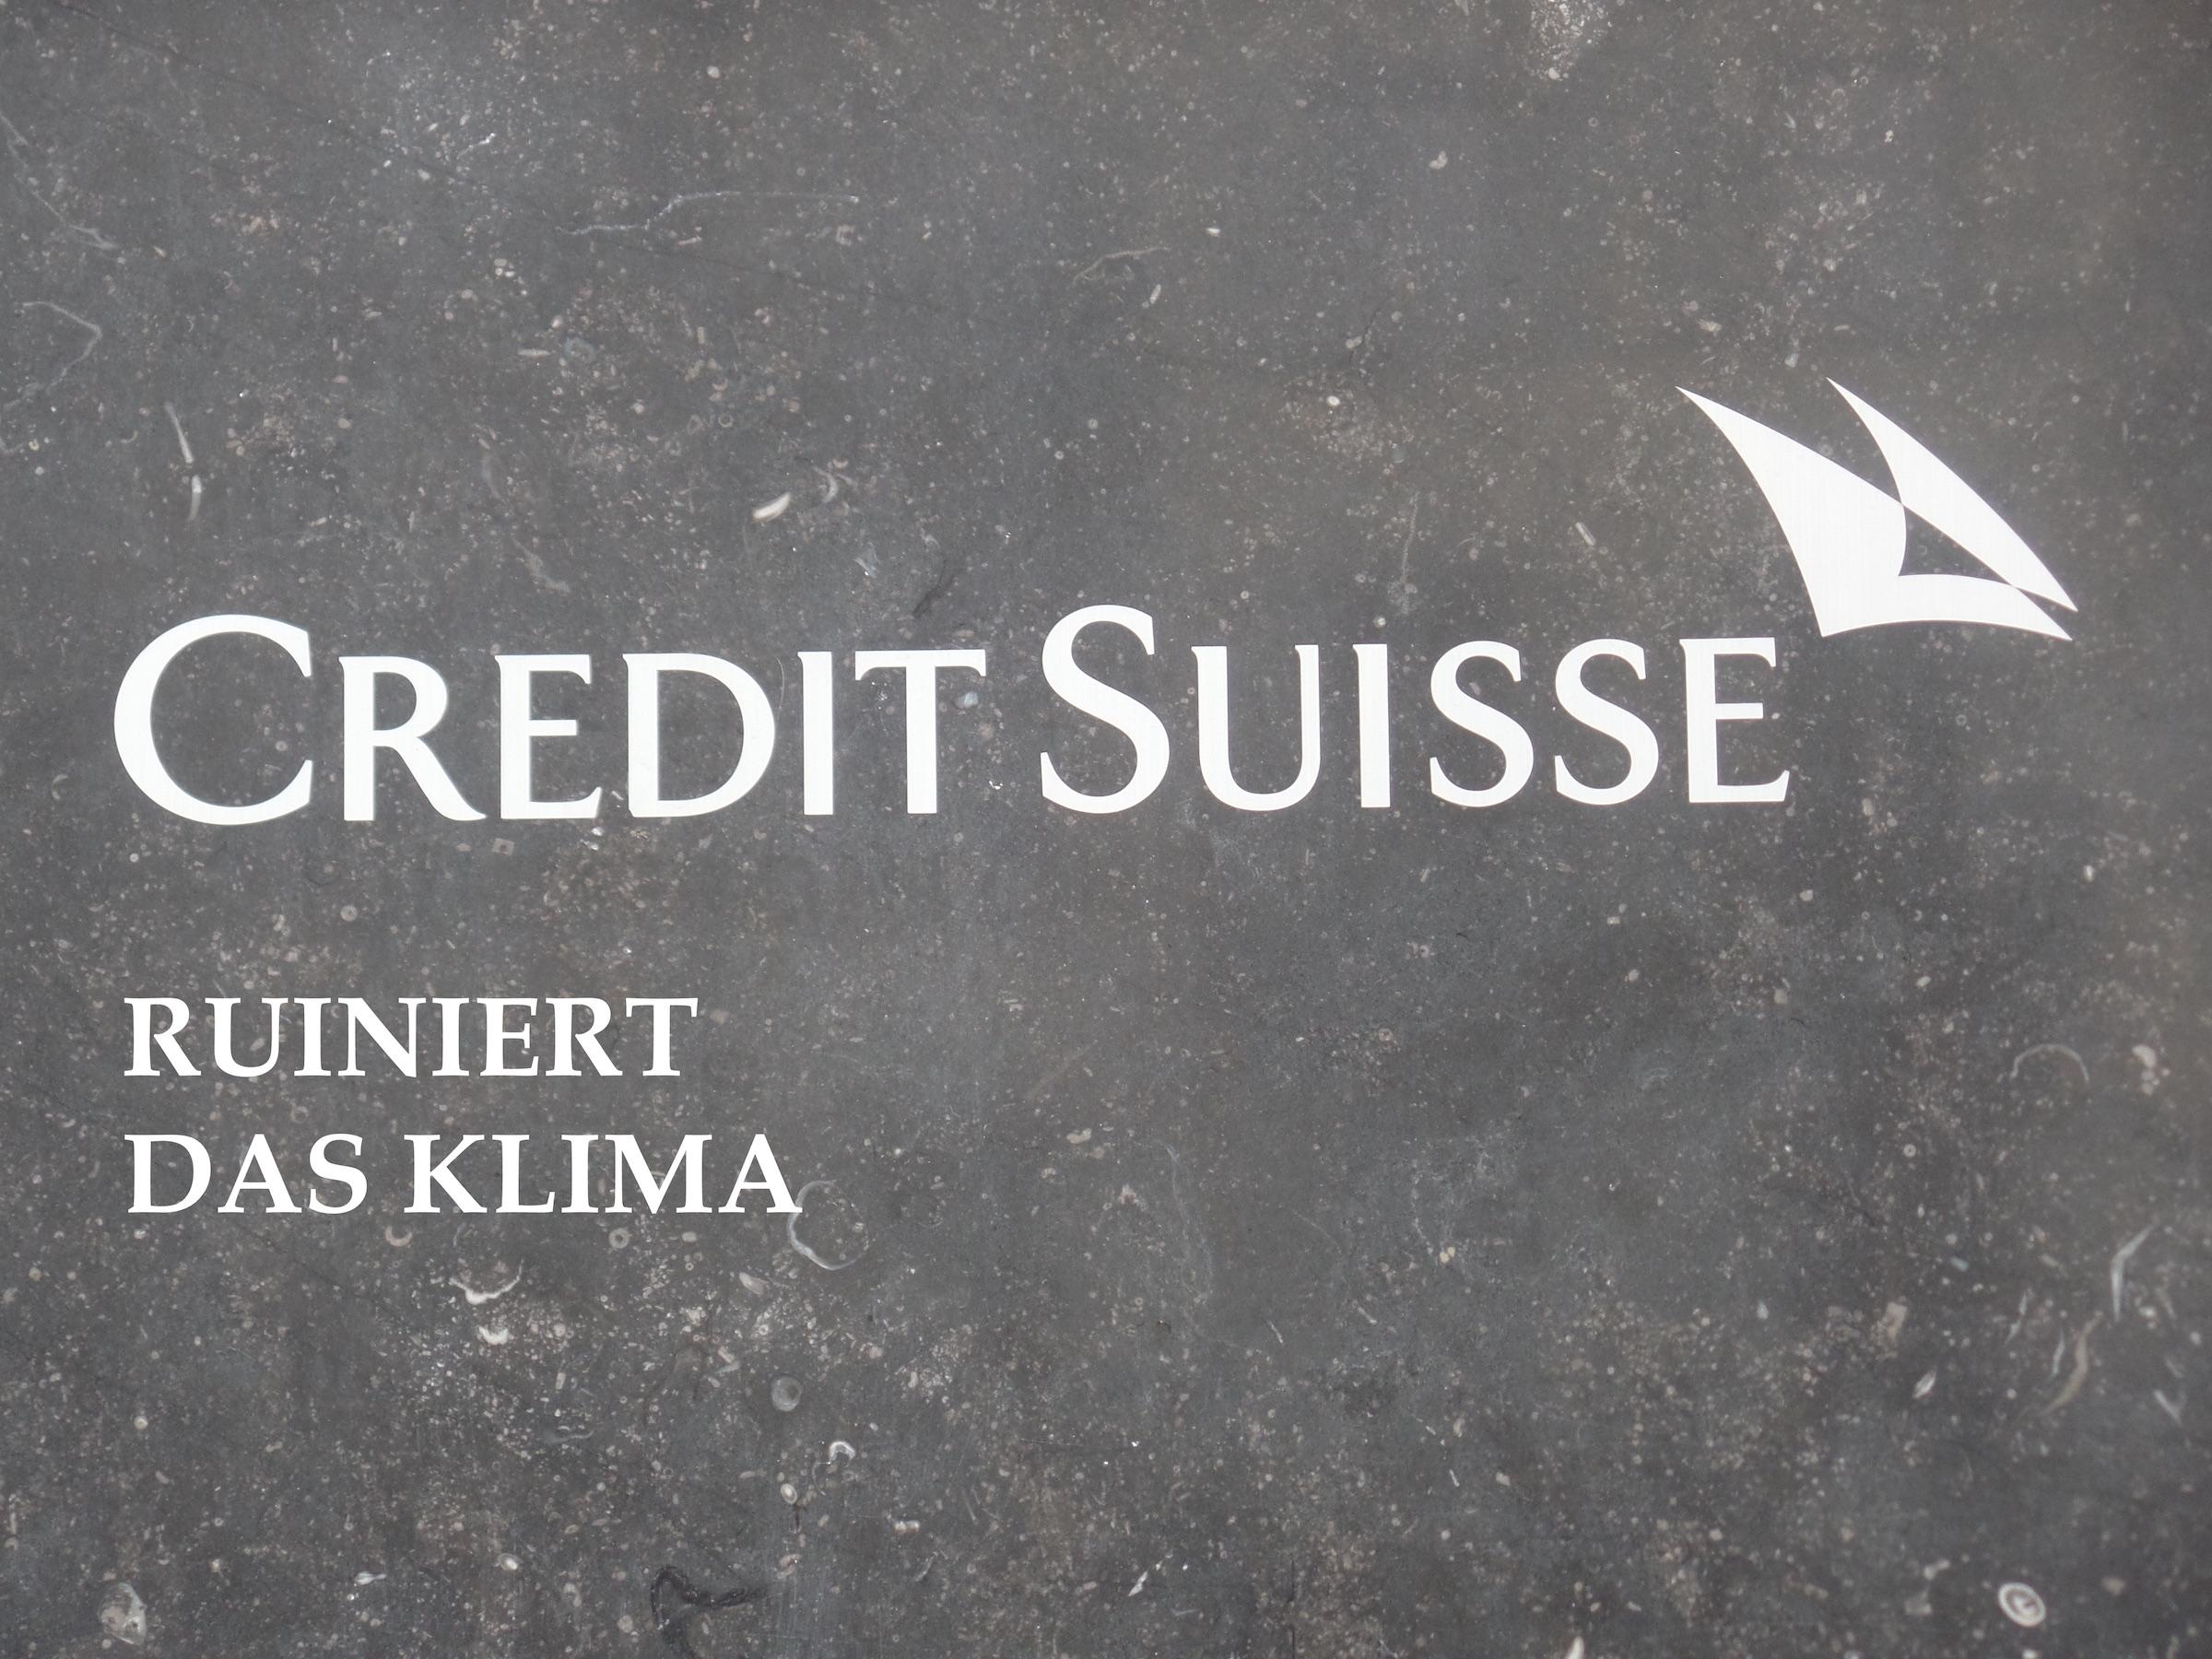 Credit Suisse ruiniert das Klima. Schriftzug. Fotomontage.